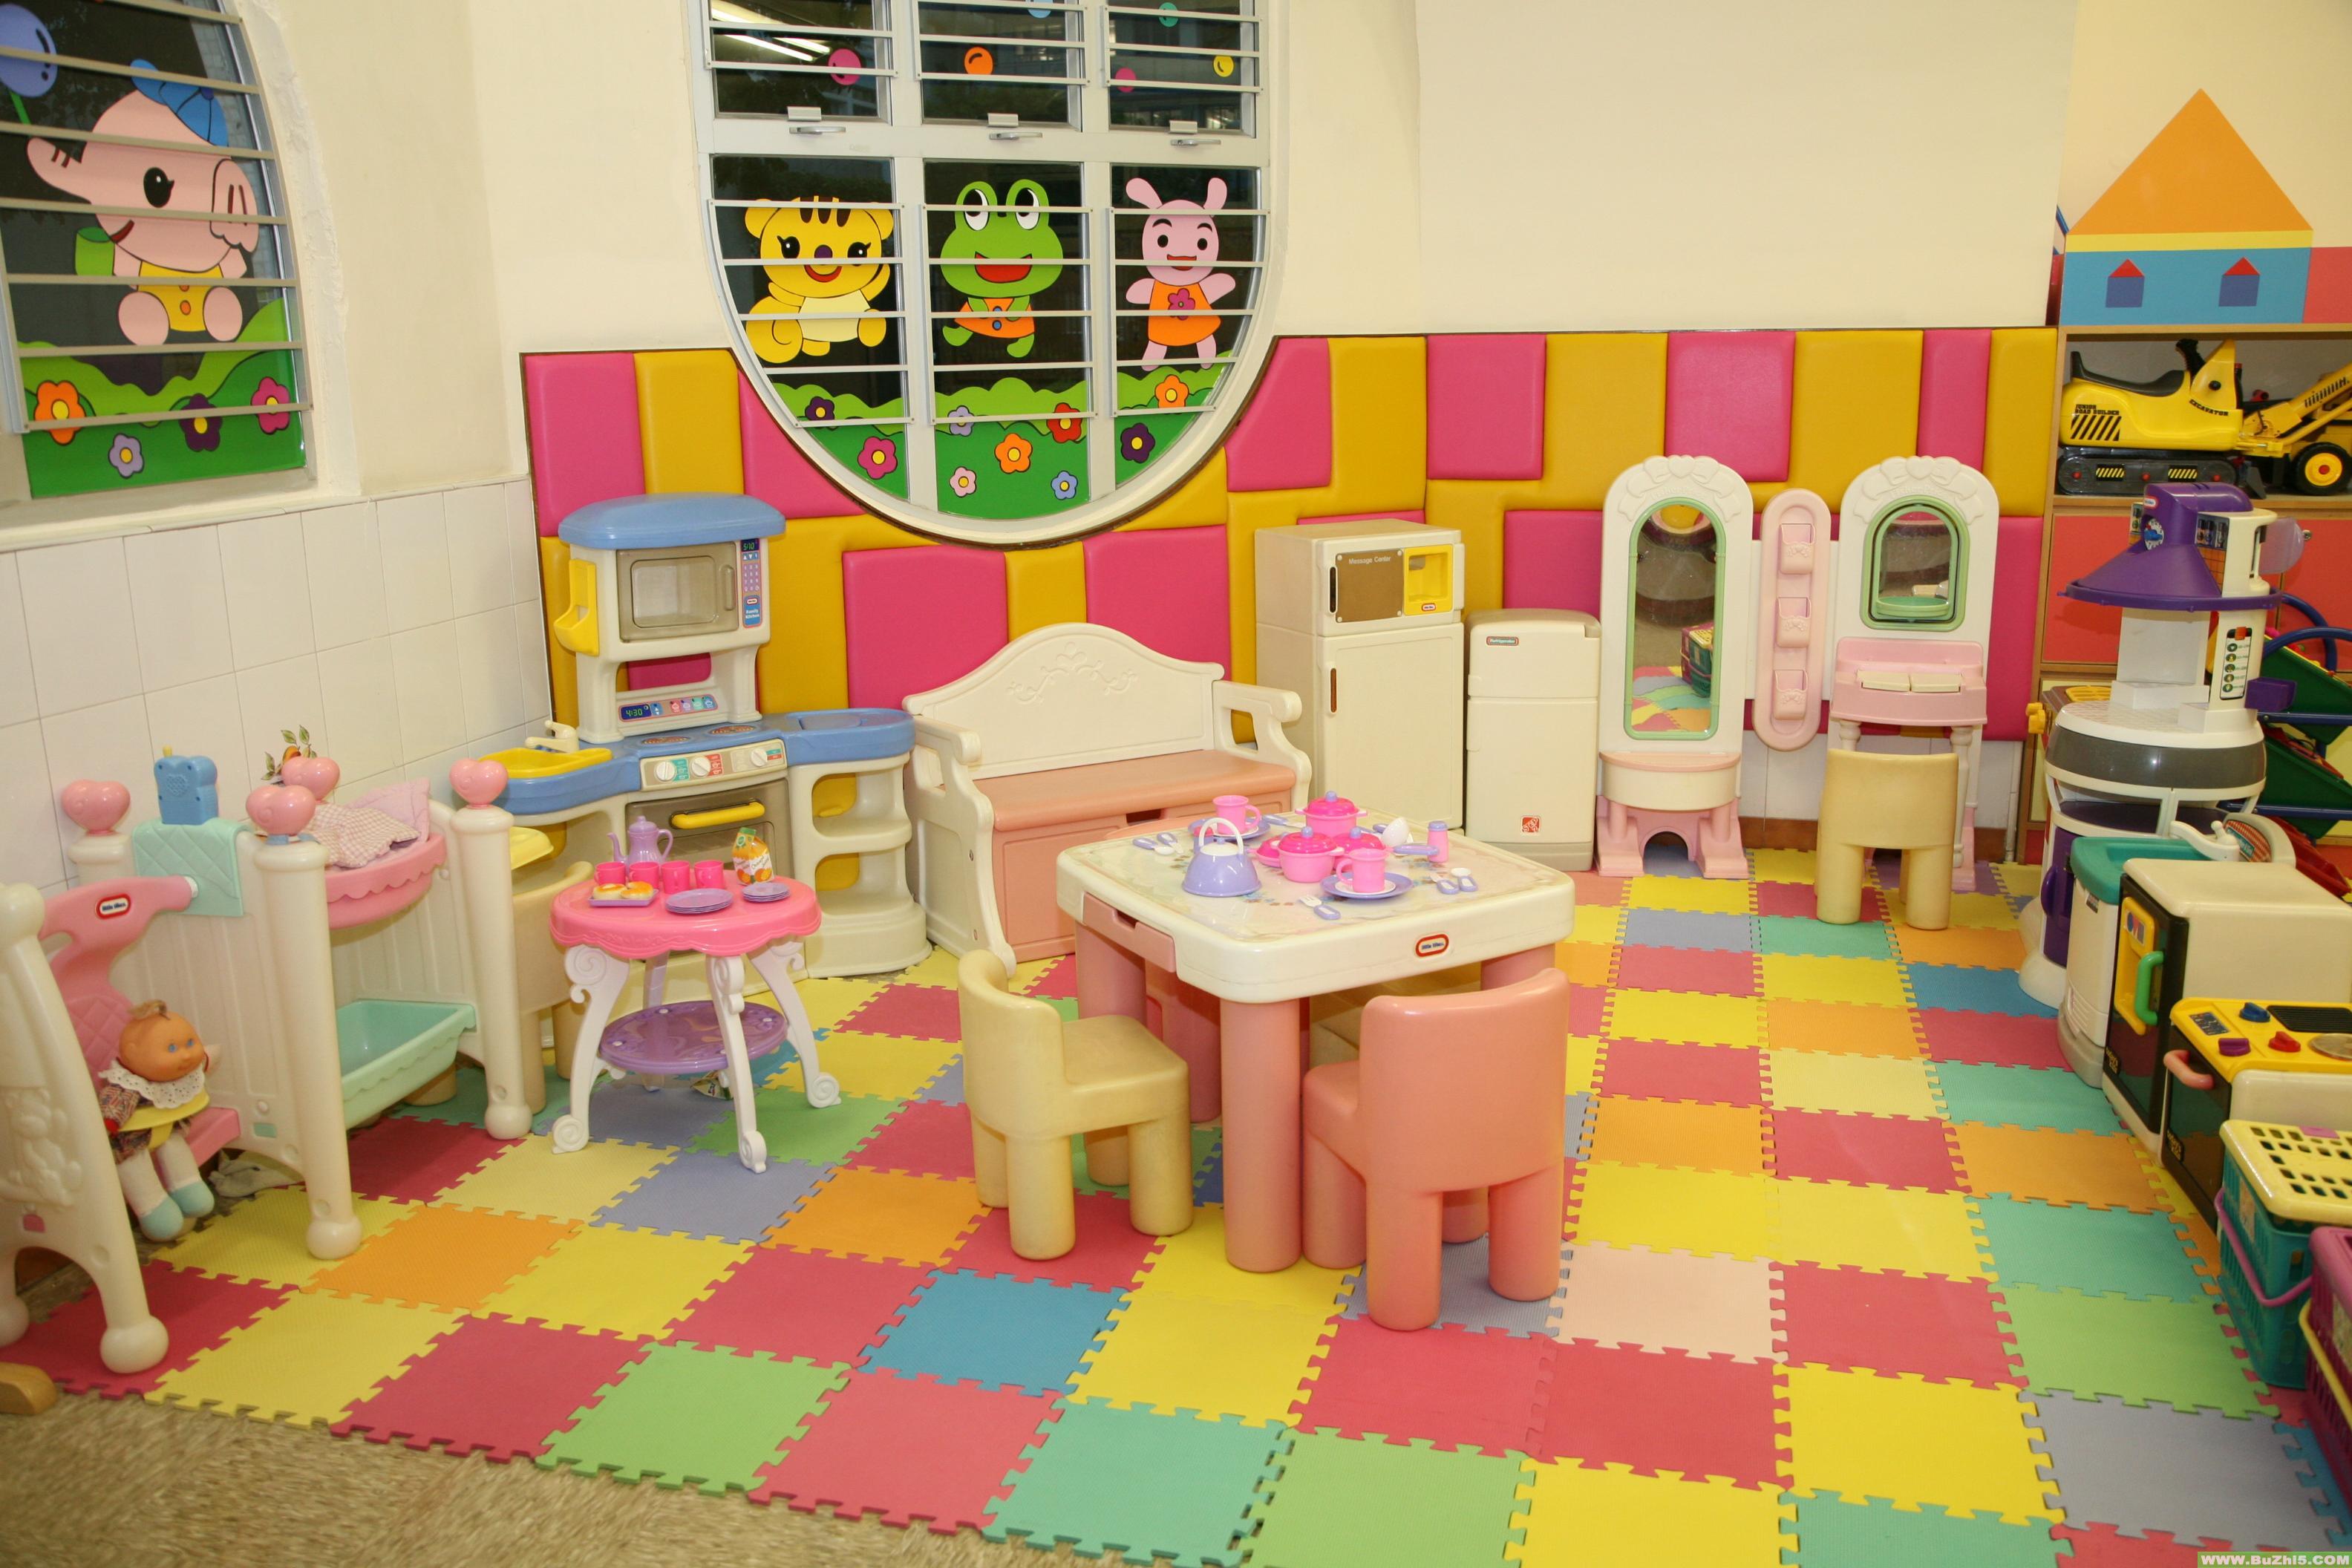 幼儿园教室窗户布置图片大全 教室布置 幼儿园中班窗户装饰图片